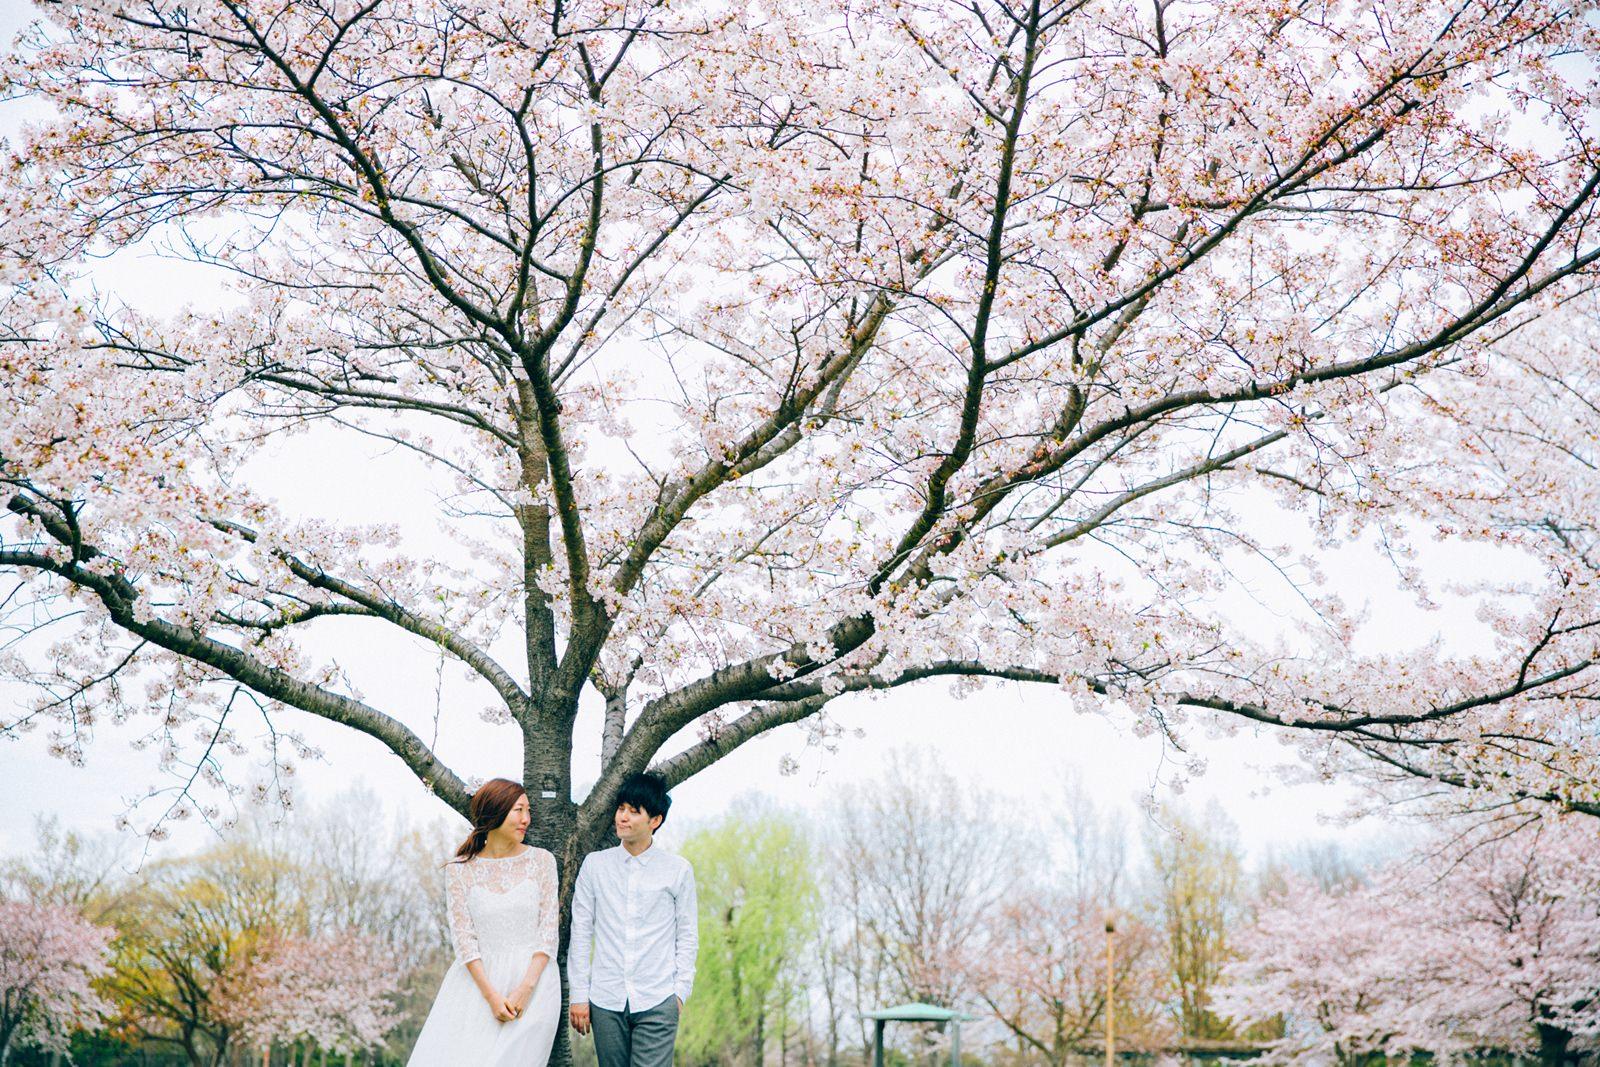 (繁體中文) 清新櫻花婚紗拍攝  就在東京